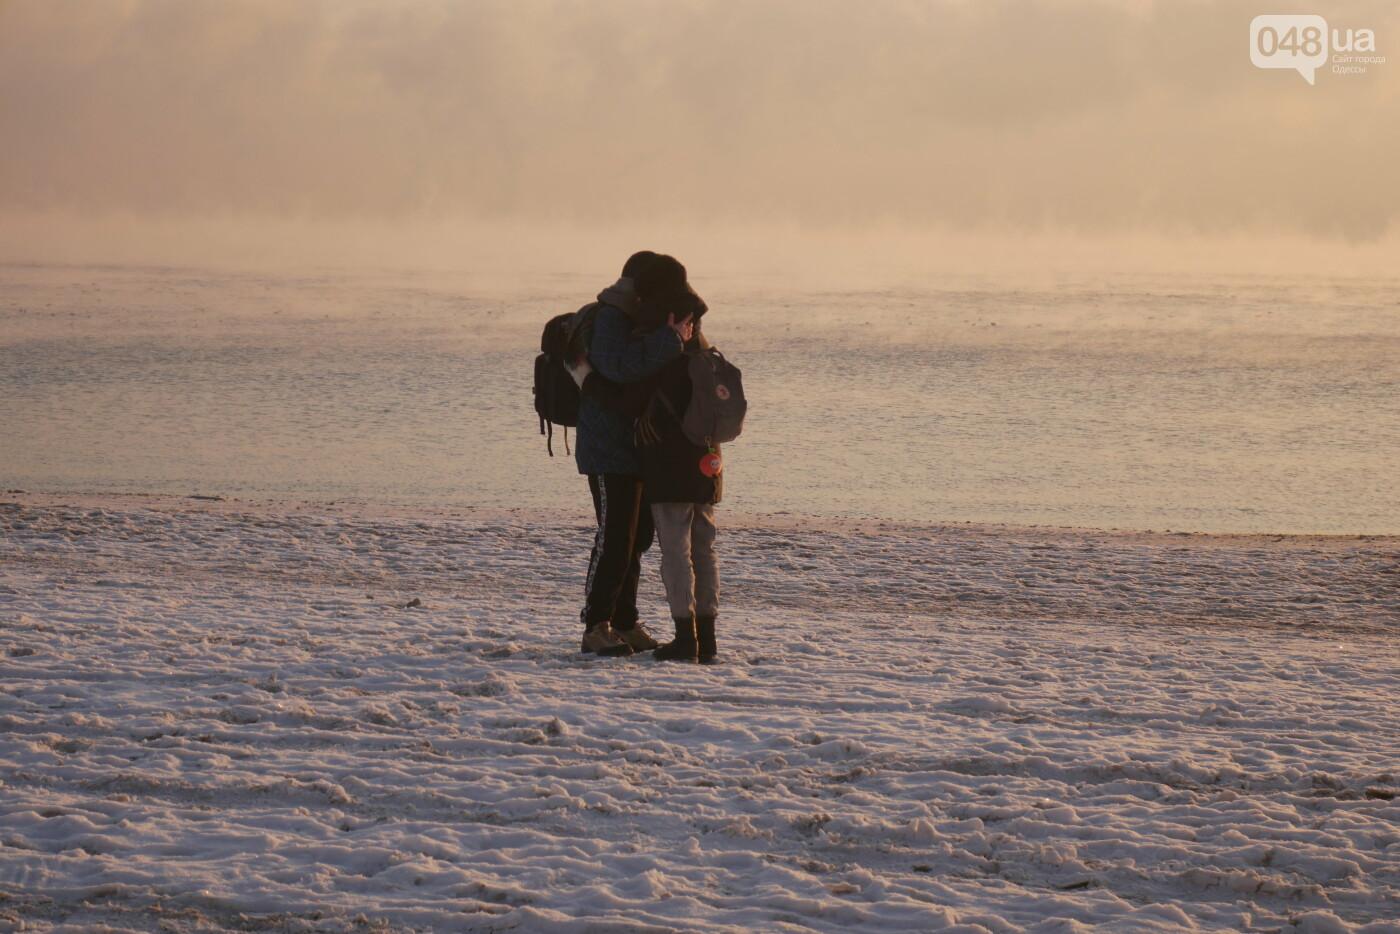 Мороз и солнце: одесситы окунулись в крещенское море,- ФОТОРЕПОРТАЖ, фото-1